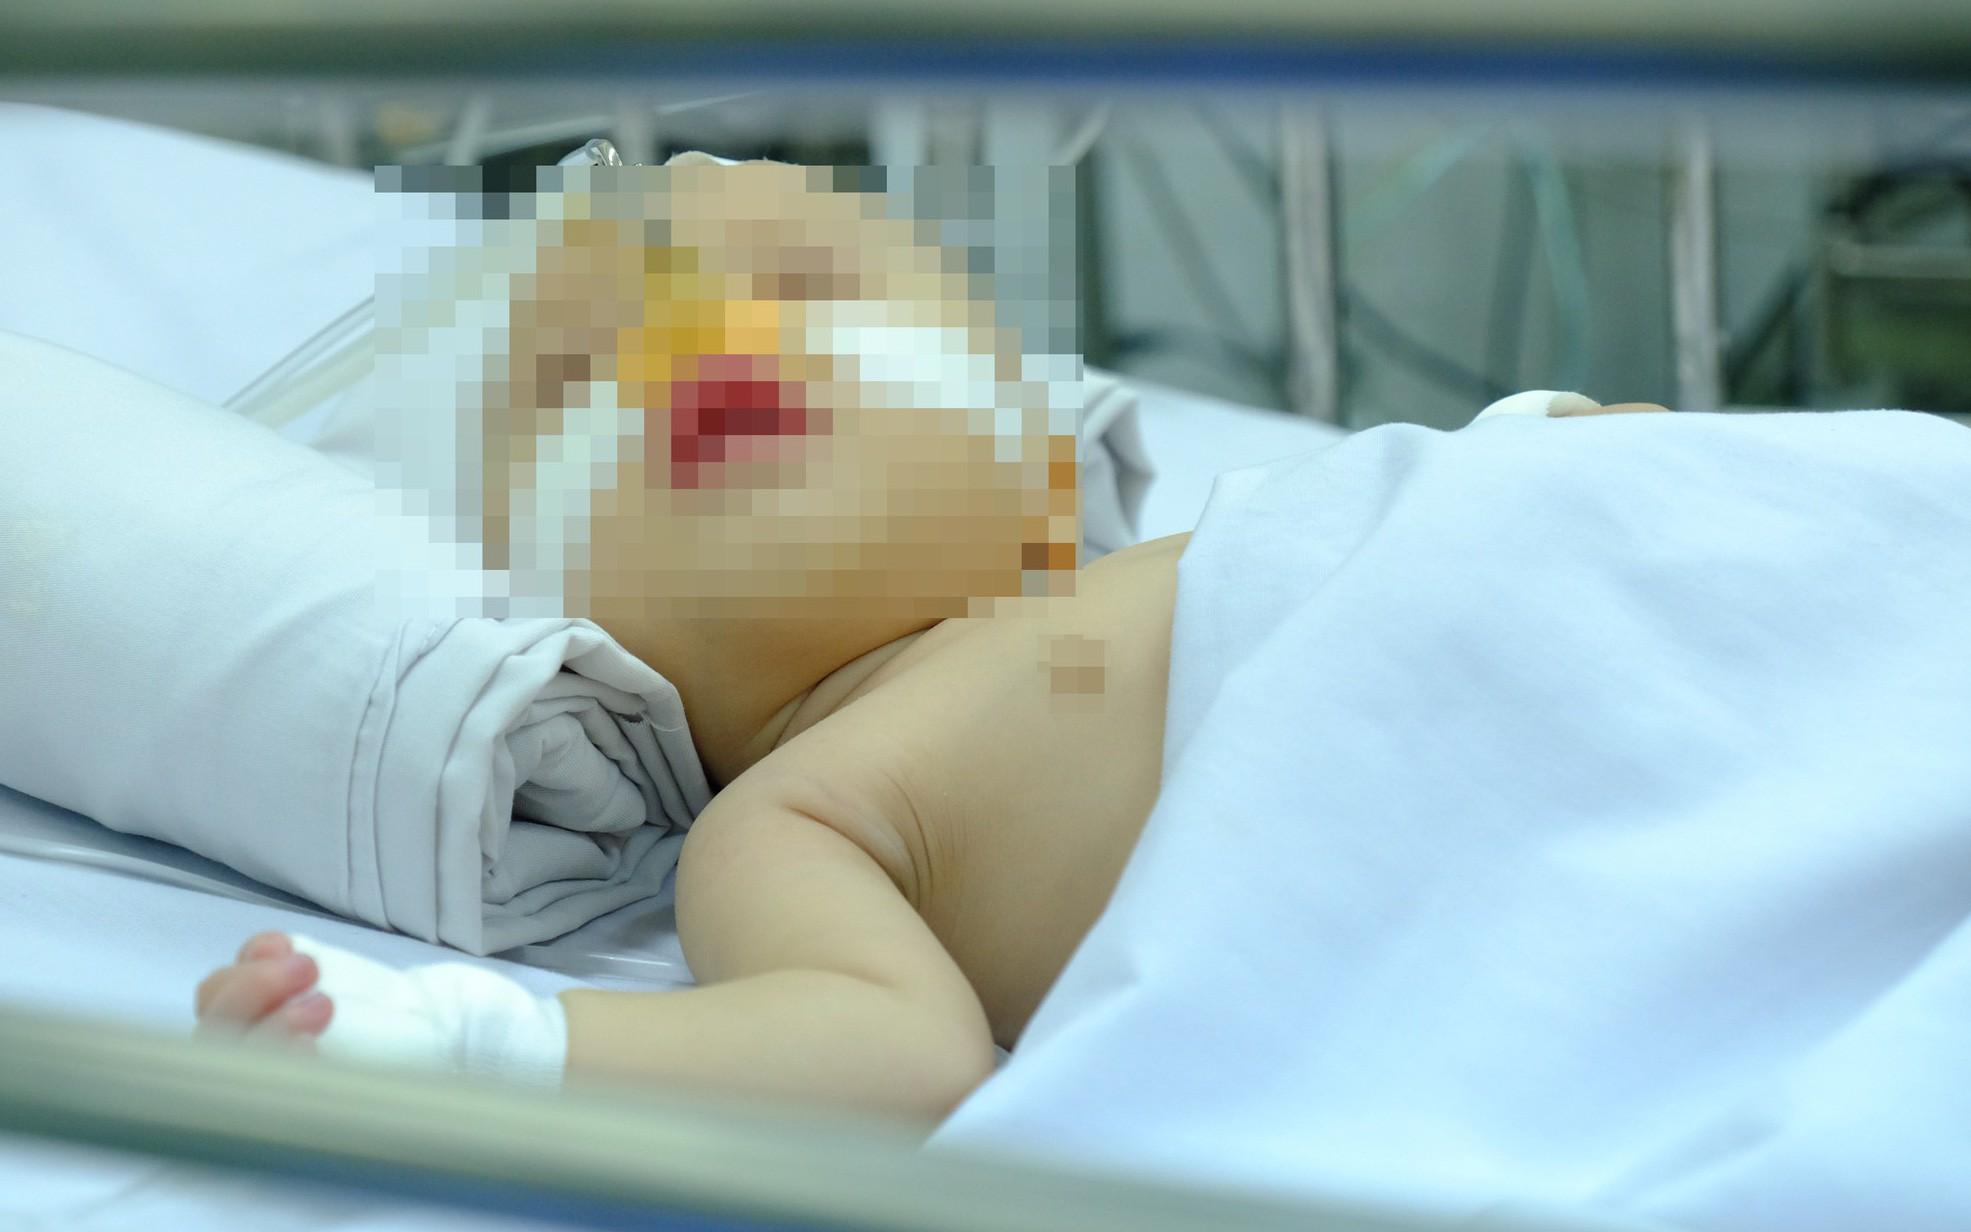 """Bệnh nhi vừa chào đời đã mắc bệnh tim, bác sĩ phát hiện và phẫu thuật ngay giúp bé """"từ cõi chết trở về"""""""